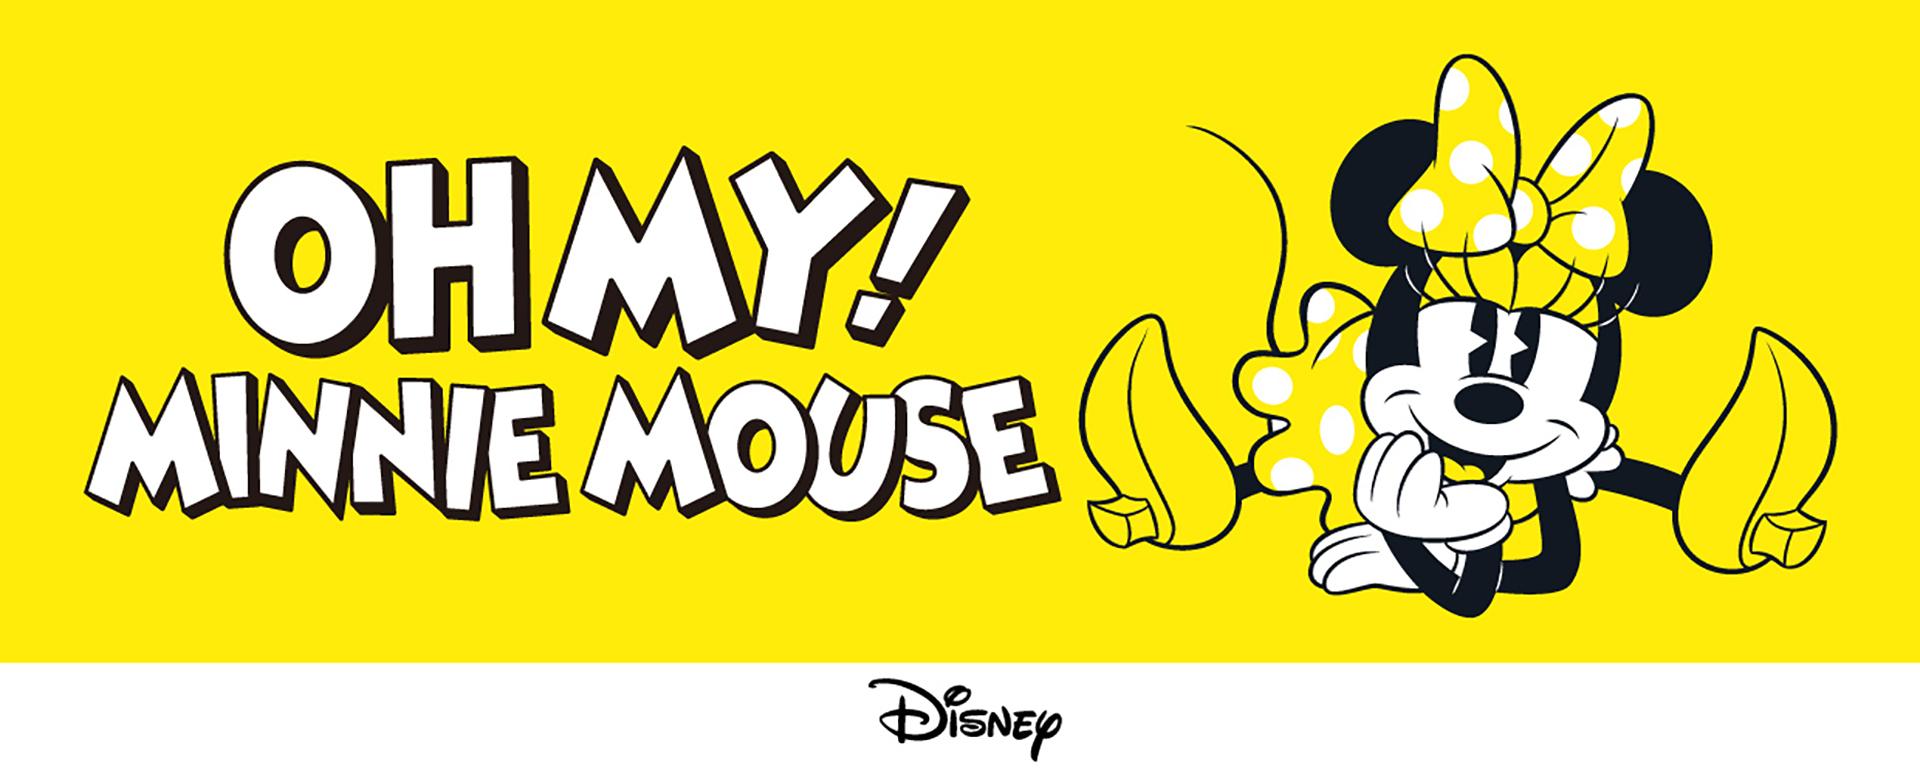 オンラインストア「OH MY CAFE STORE」ミニーマウス